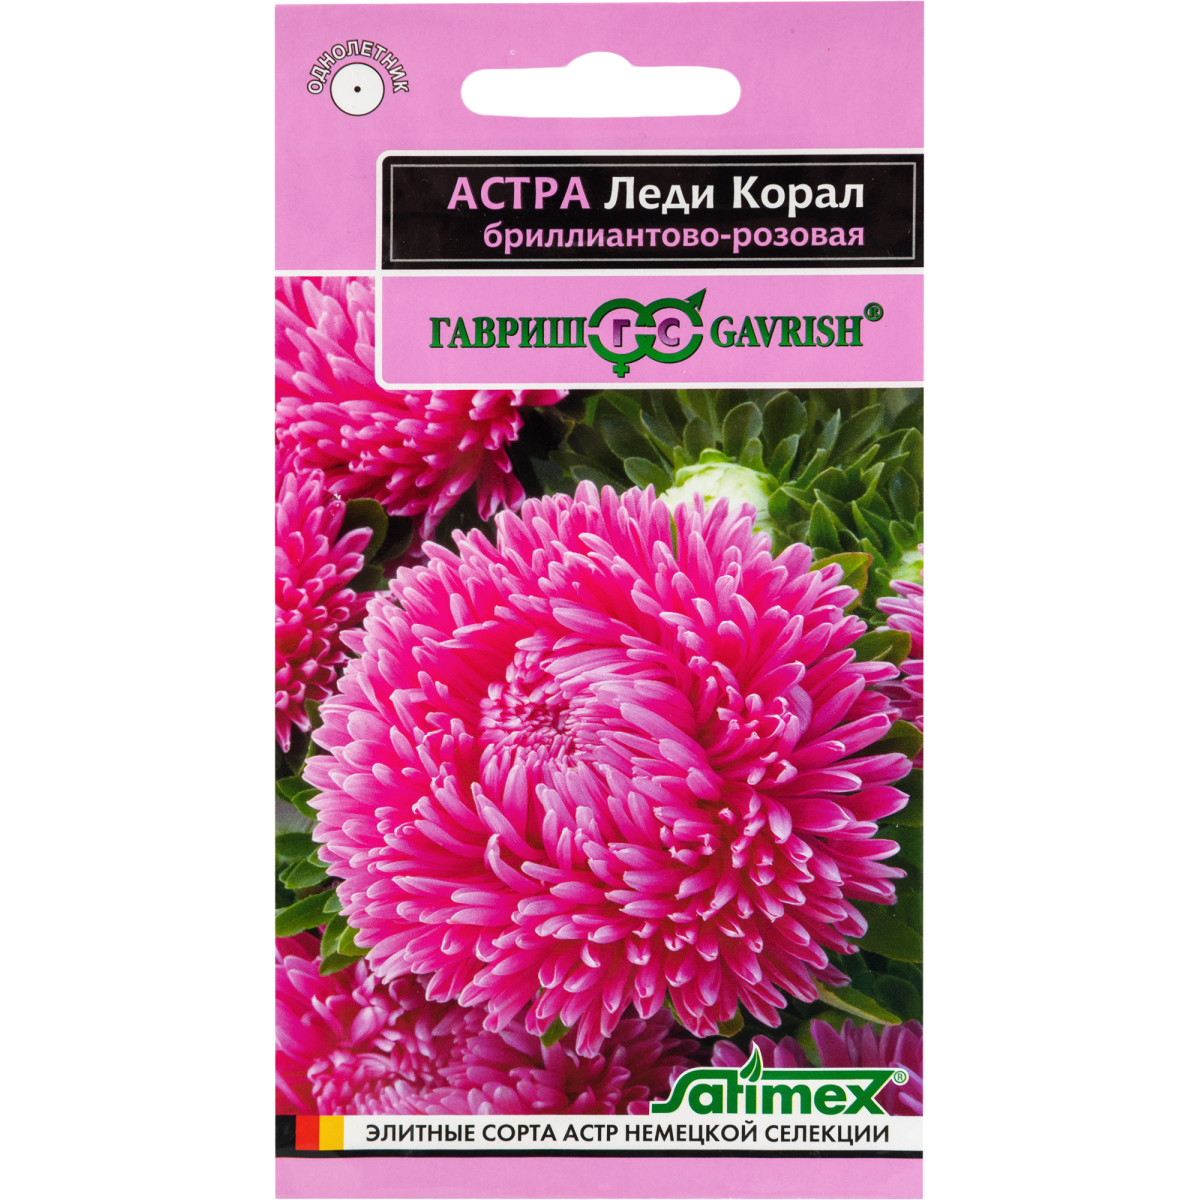 Астра «Леди Корал» бриллиантово-розовая 0.1 г